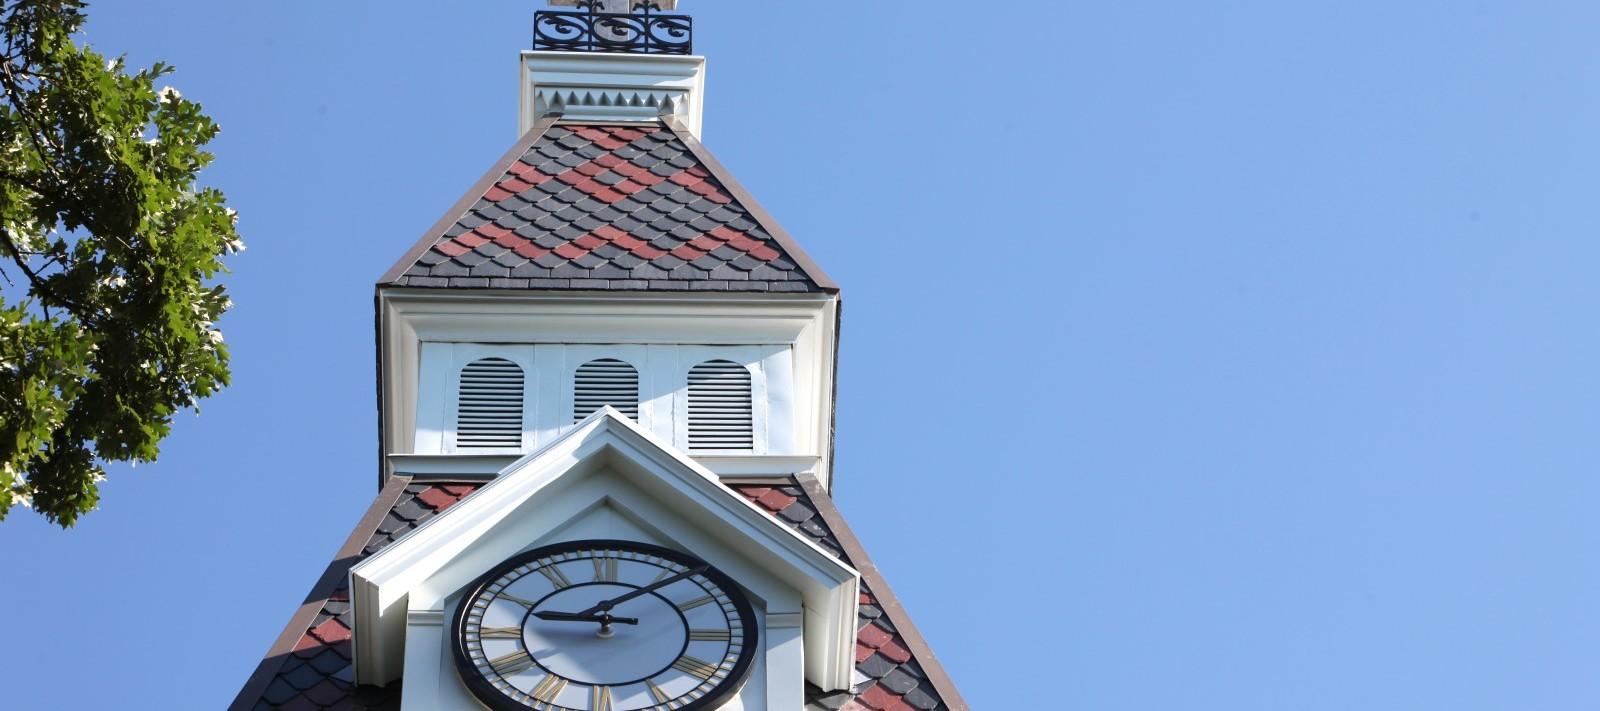 Ambrose Hall clocktower close-up